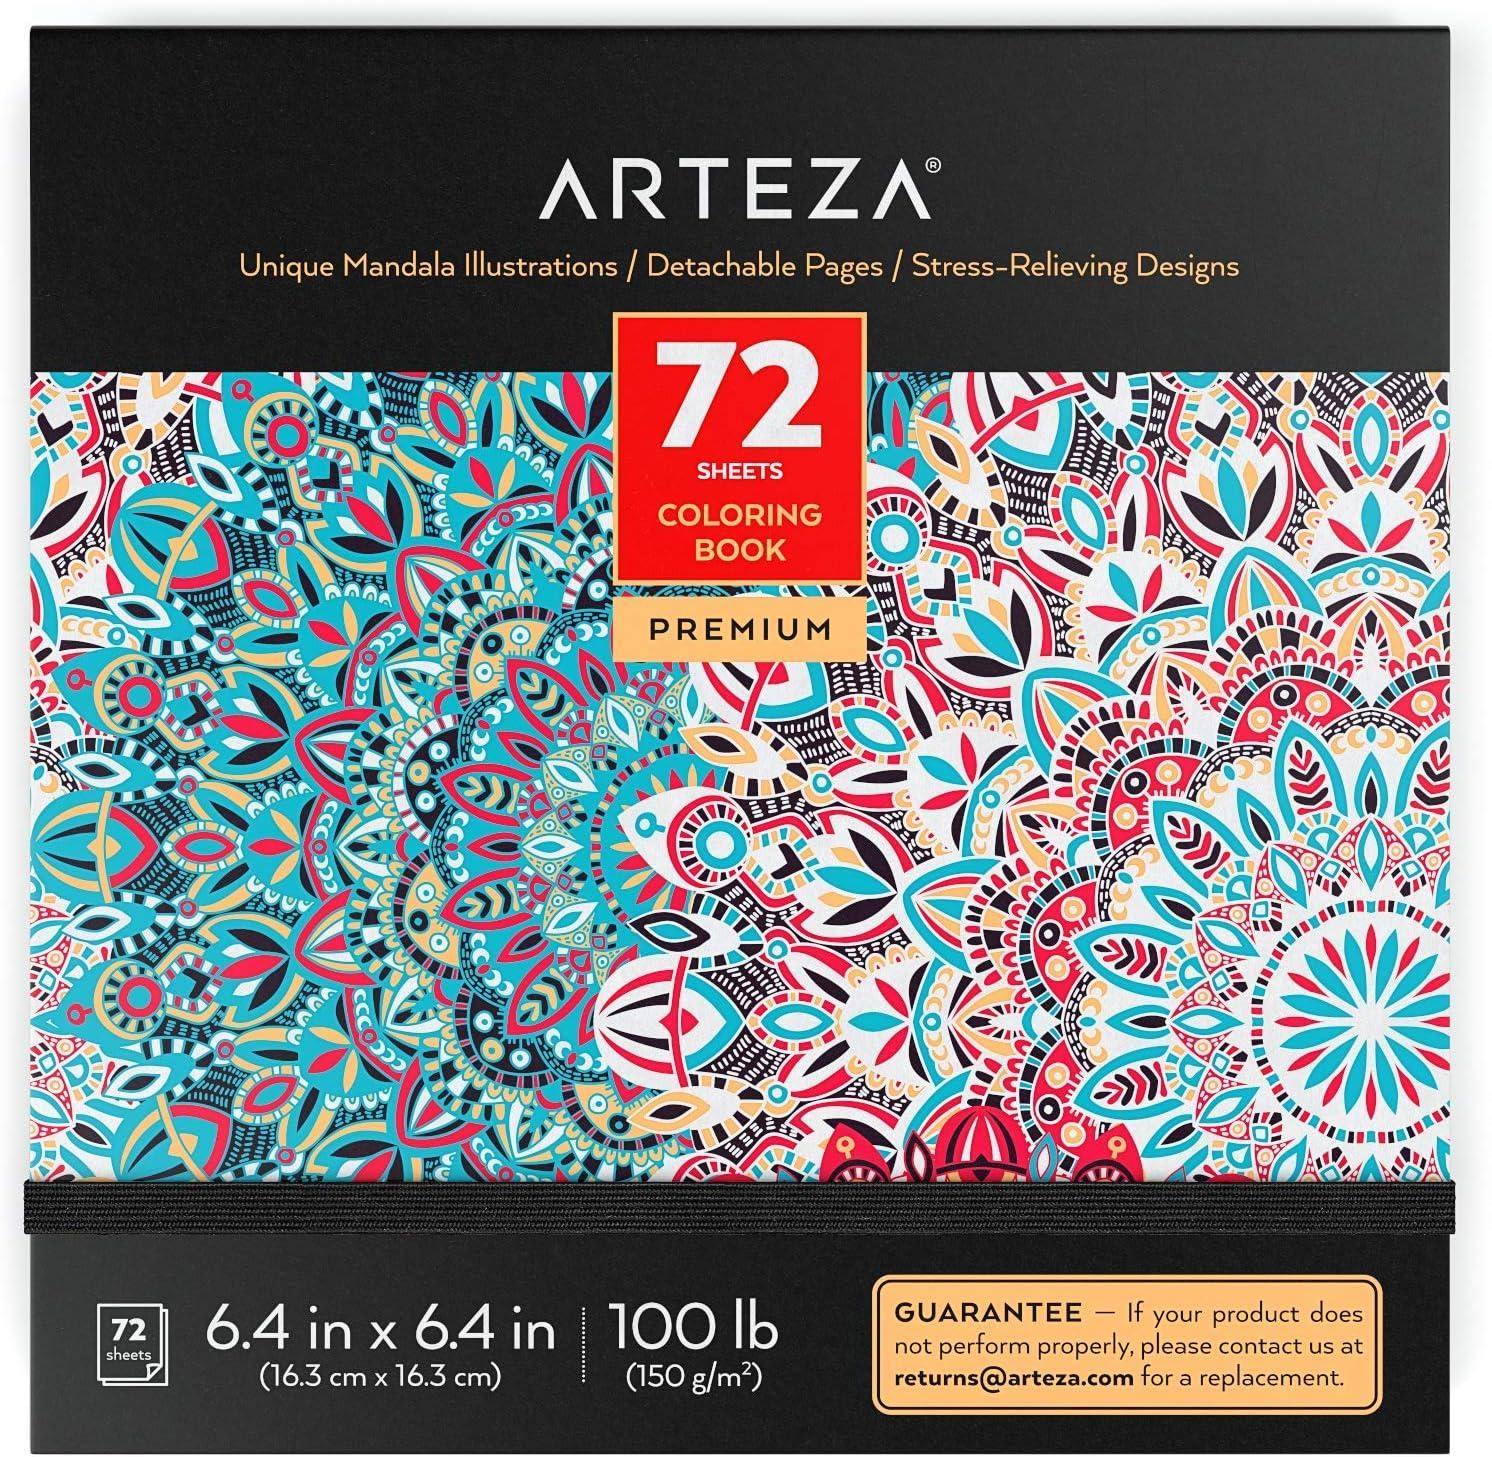 ARTEZA Libro de Mandalas para Colorear de Adultos, (16,3 cm x 16,3 cm), 72 Hojas, Papel de 150 gsm, Alivio del estrés y la ansiedad, páginas Desmontables, relájate coloreando